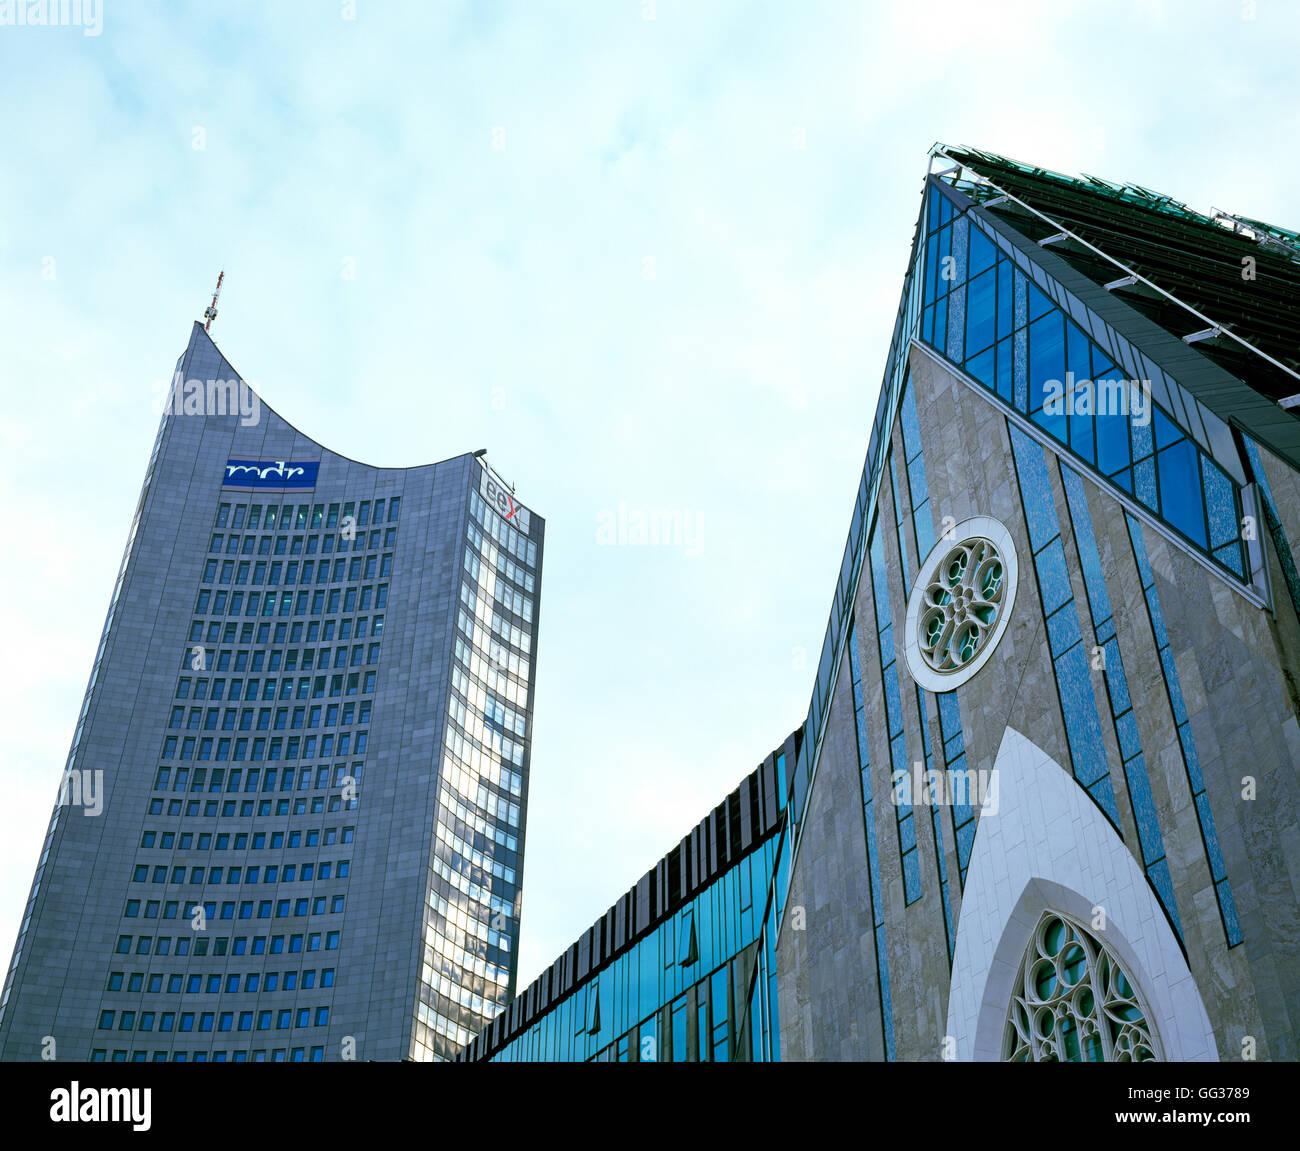 Paulinum Und City-Hochhaus, Leipzig, Deutschland Stockfoto